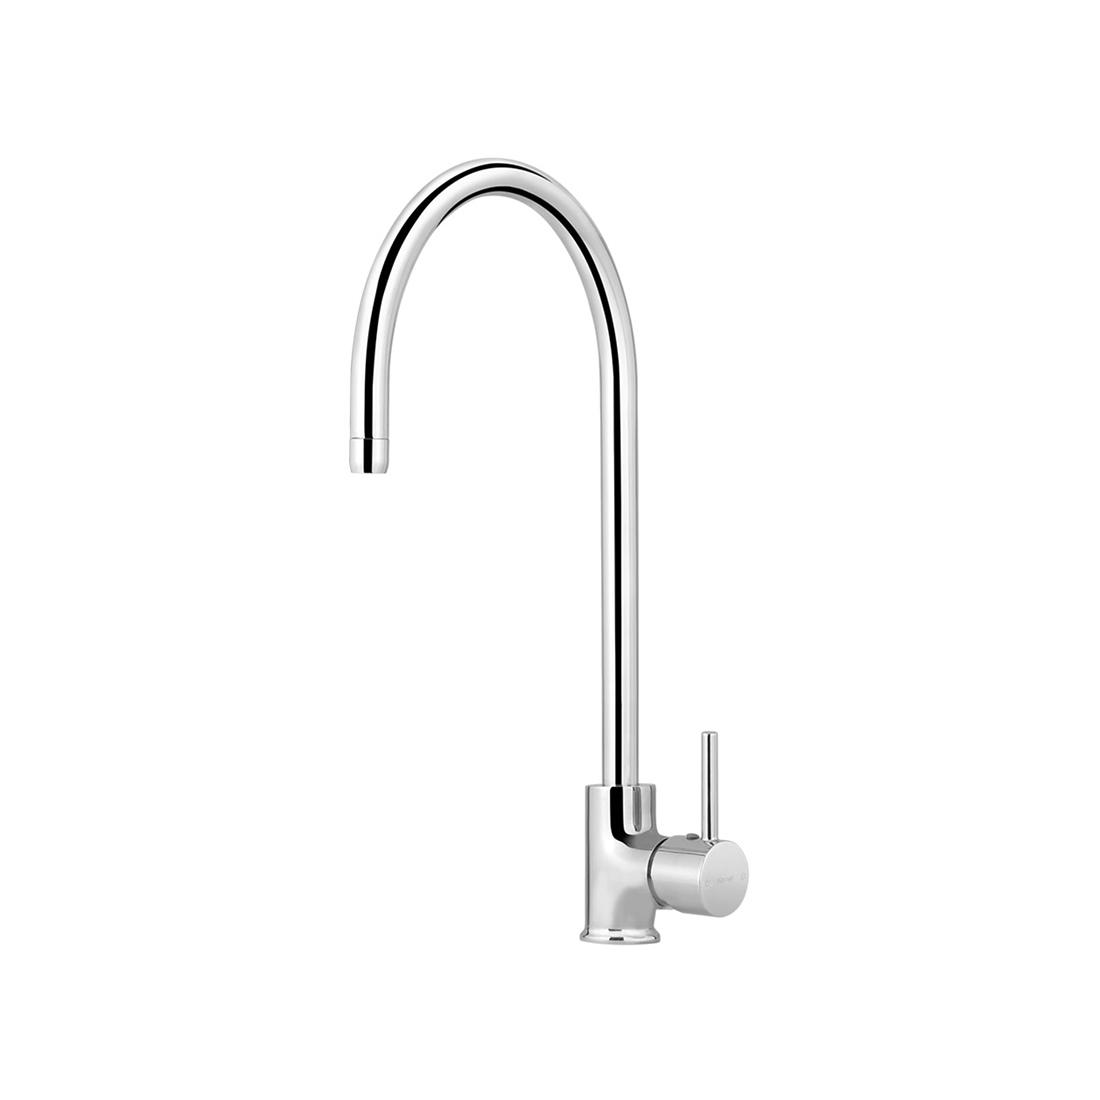 Kerovit Nucleus KB111047 Single Lever Sink Mixer With Swivel Spout